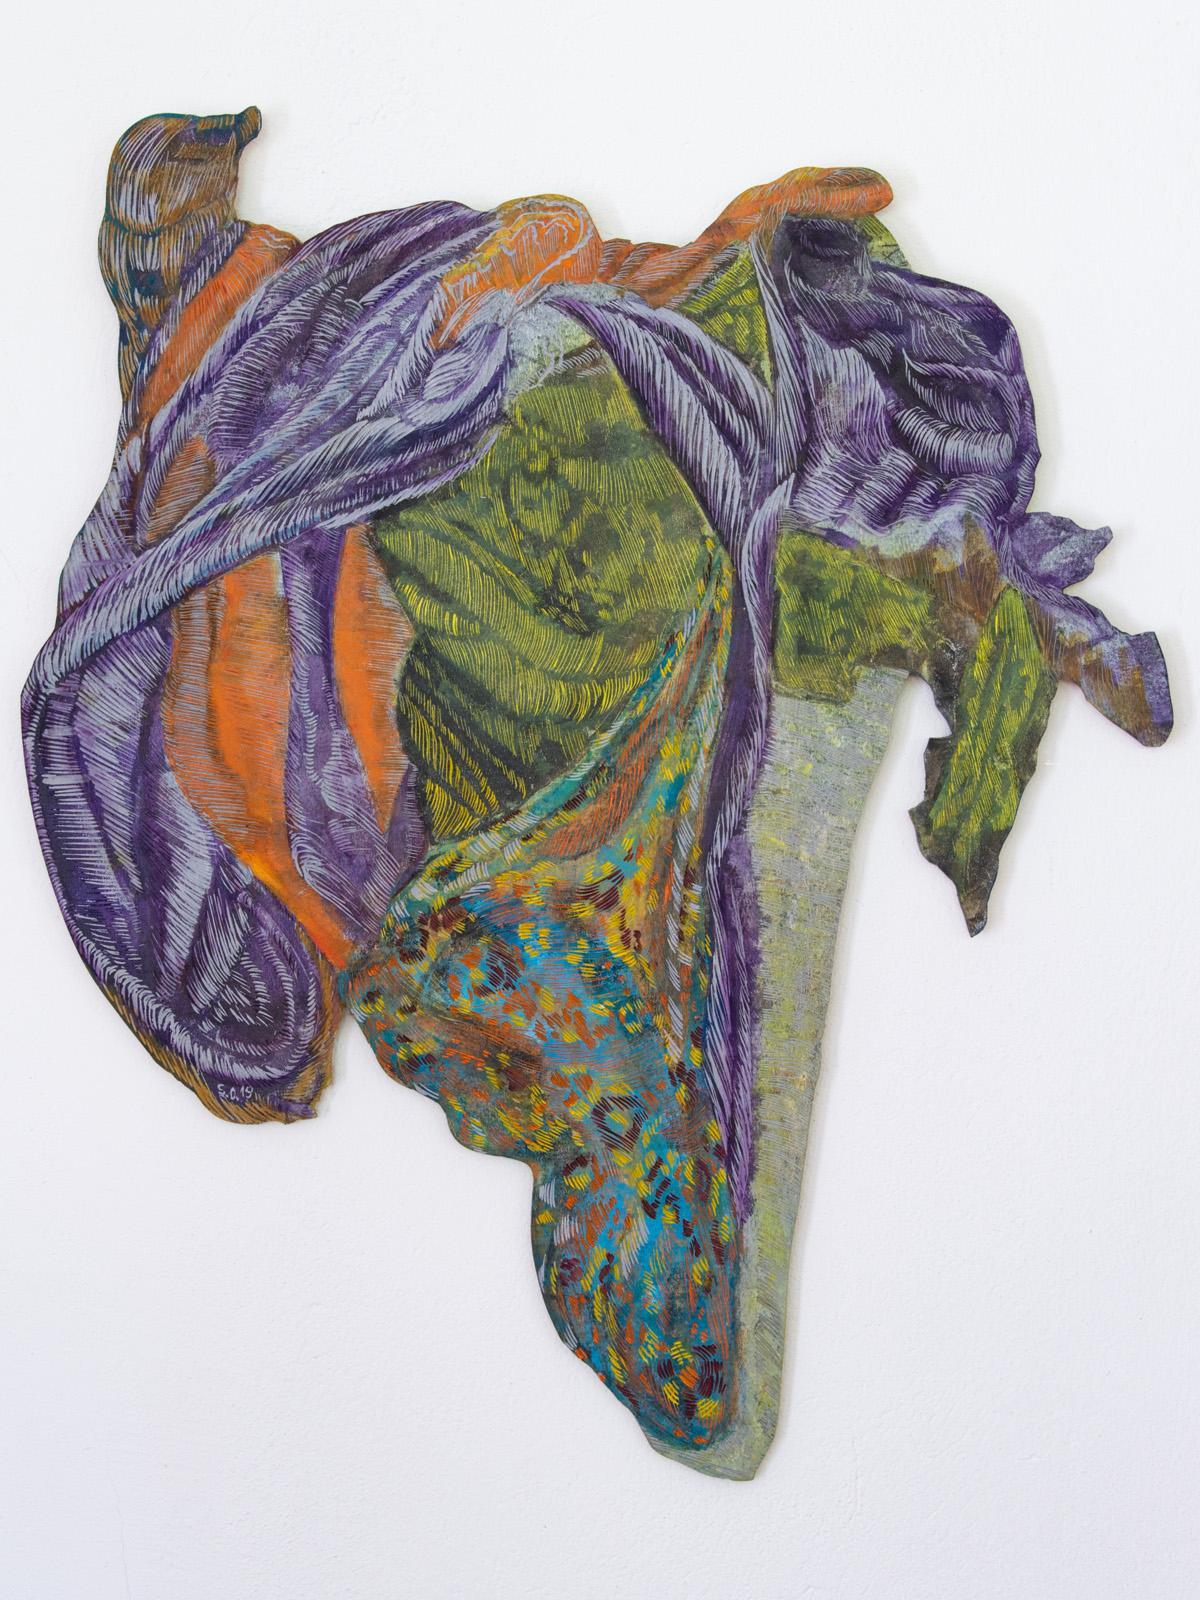 Unterwegs III, 80 x 64 cm, Linolschnitt, Alkydfarbe